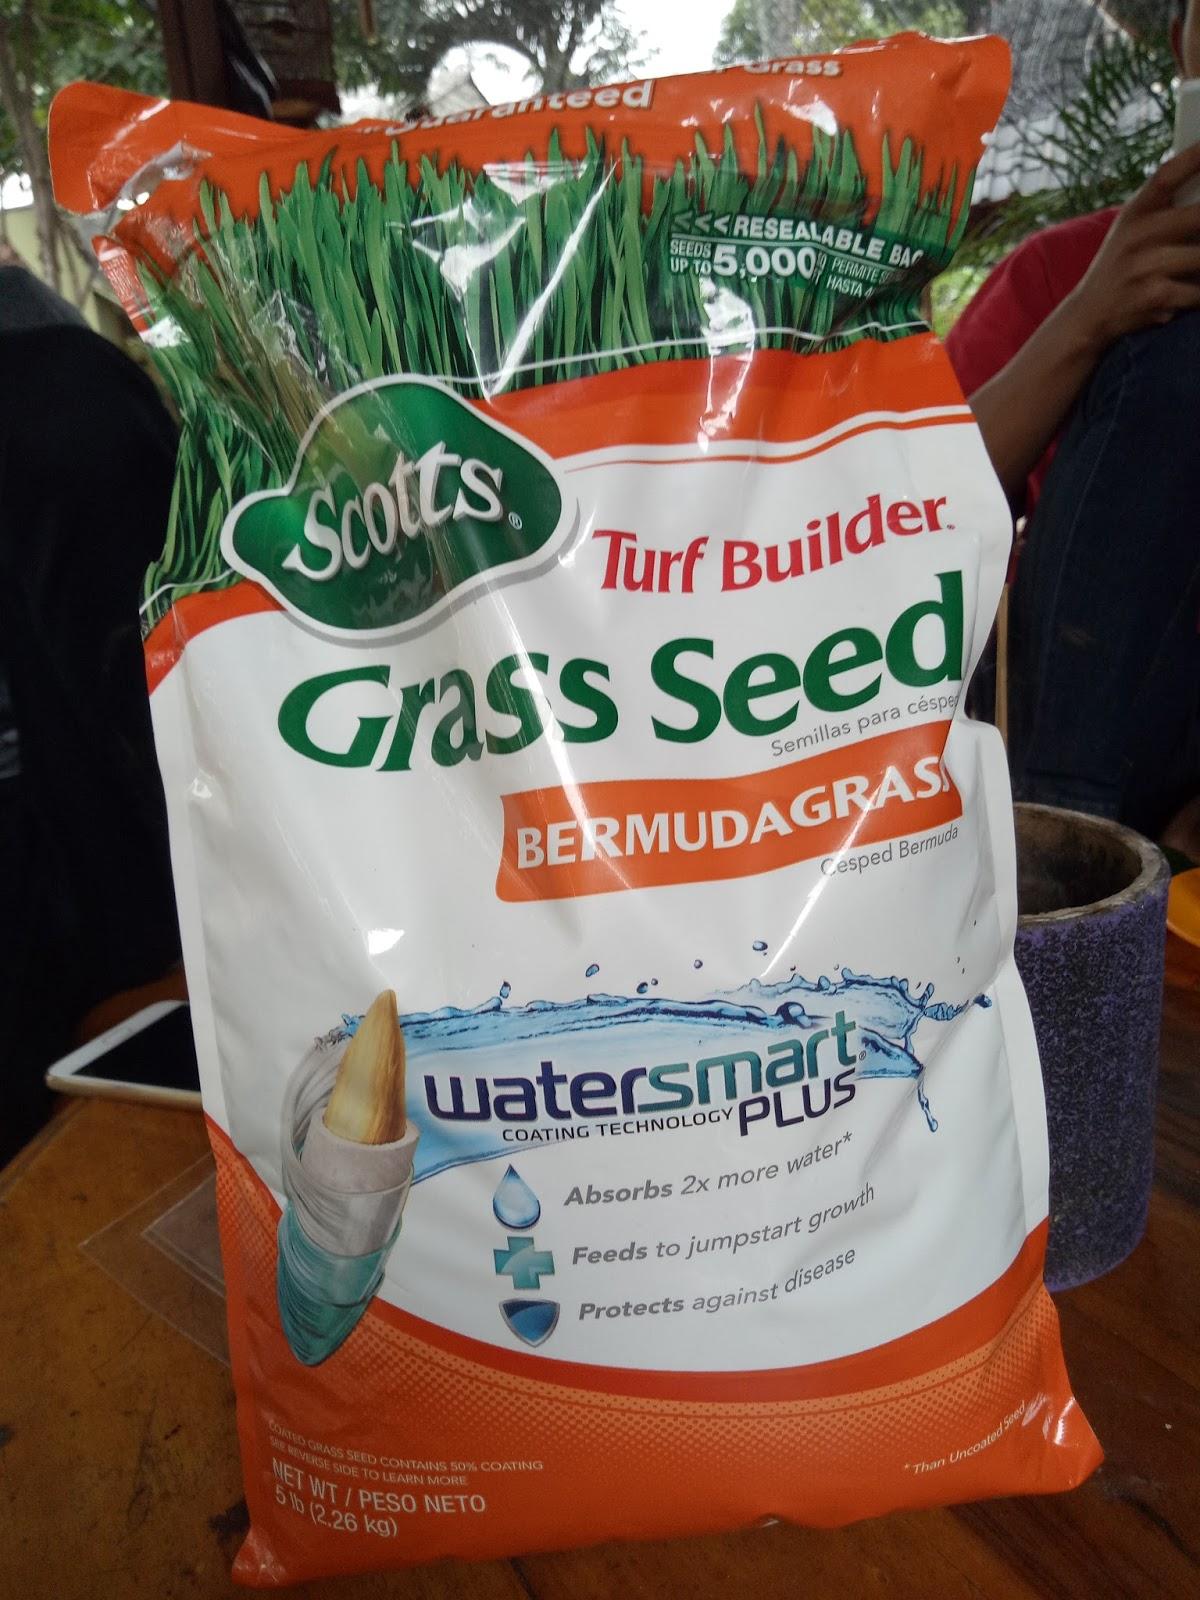 Jual Biji Rumput Benih Bibit Grass Seed Scotts Sedia Jenis Segala Macam Untuk Seluruh Wilayah Bisa Di Order Kirimkan Nama Latin Dan Ilmiah Ke